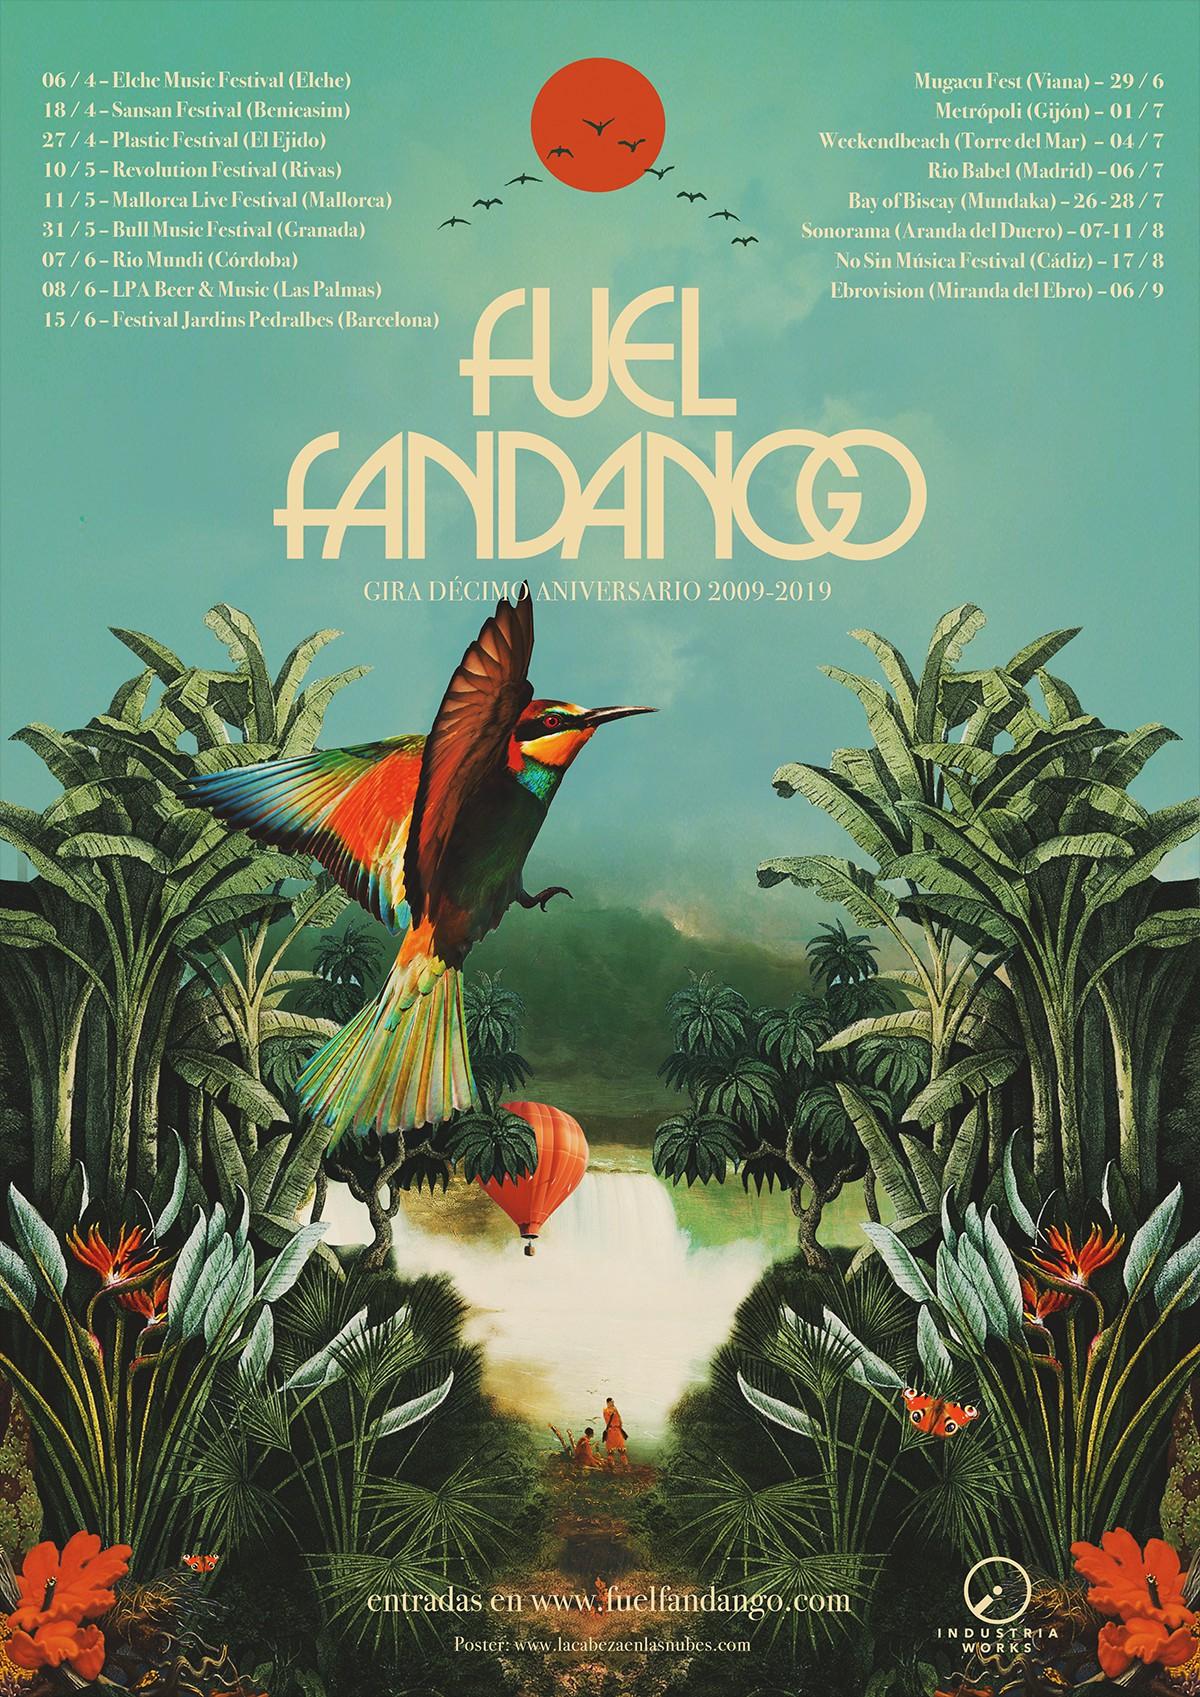 Fuel Fandango conciertos latinoamérica 2018